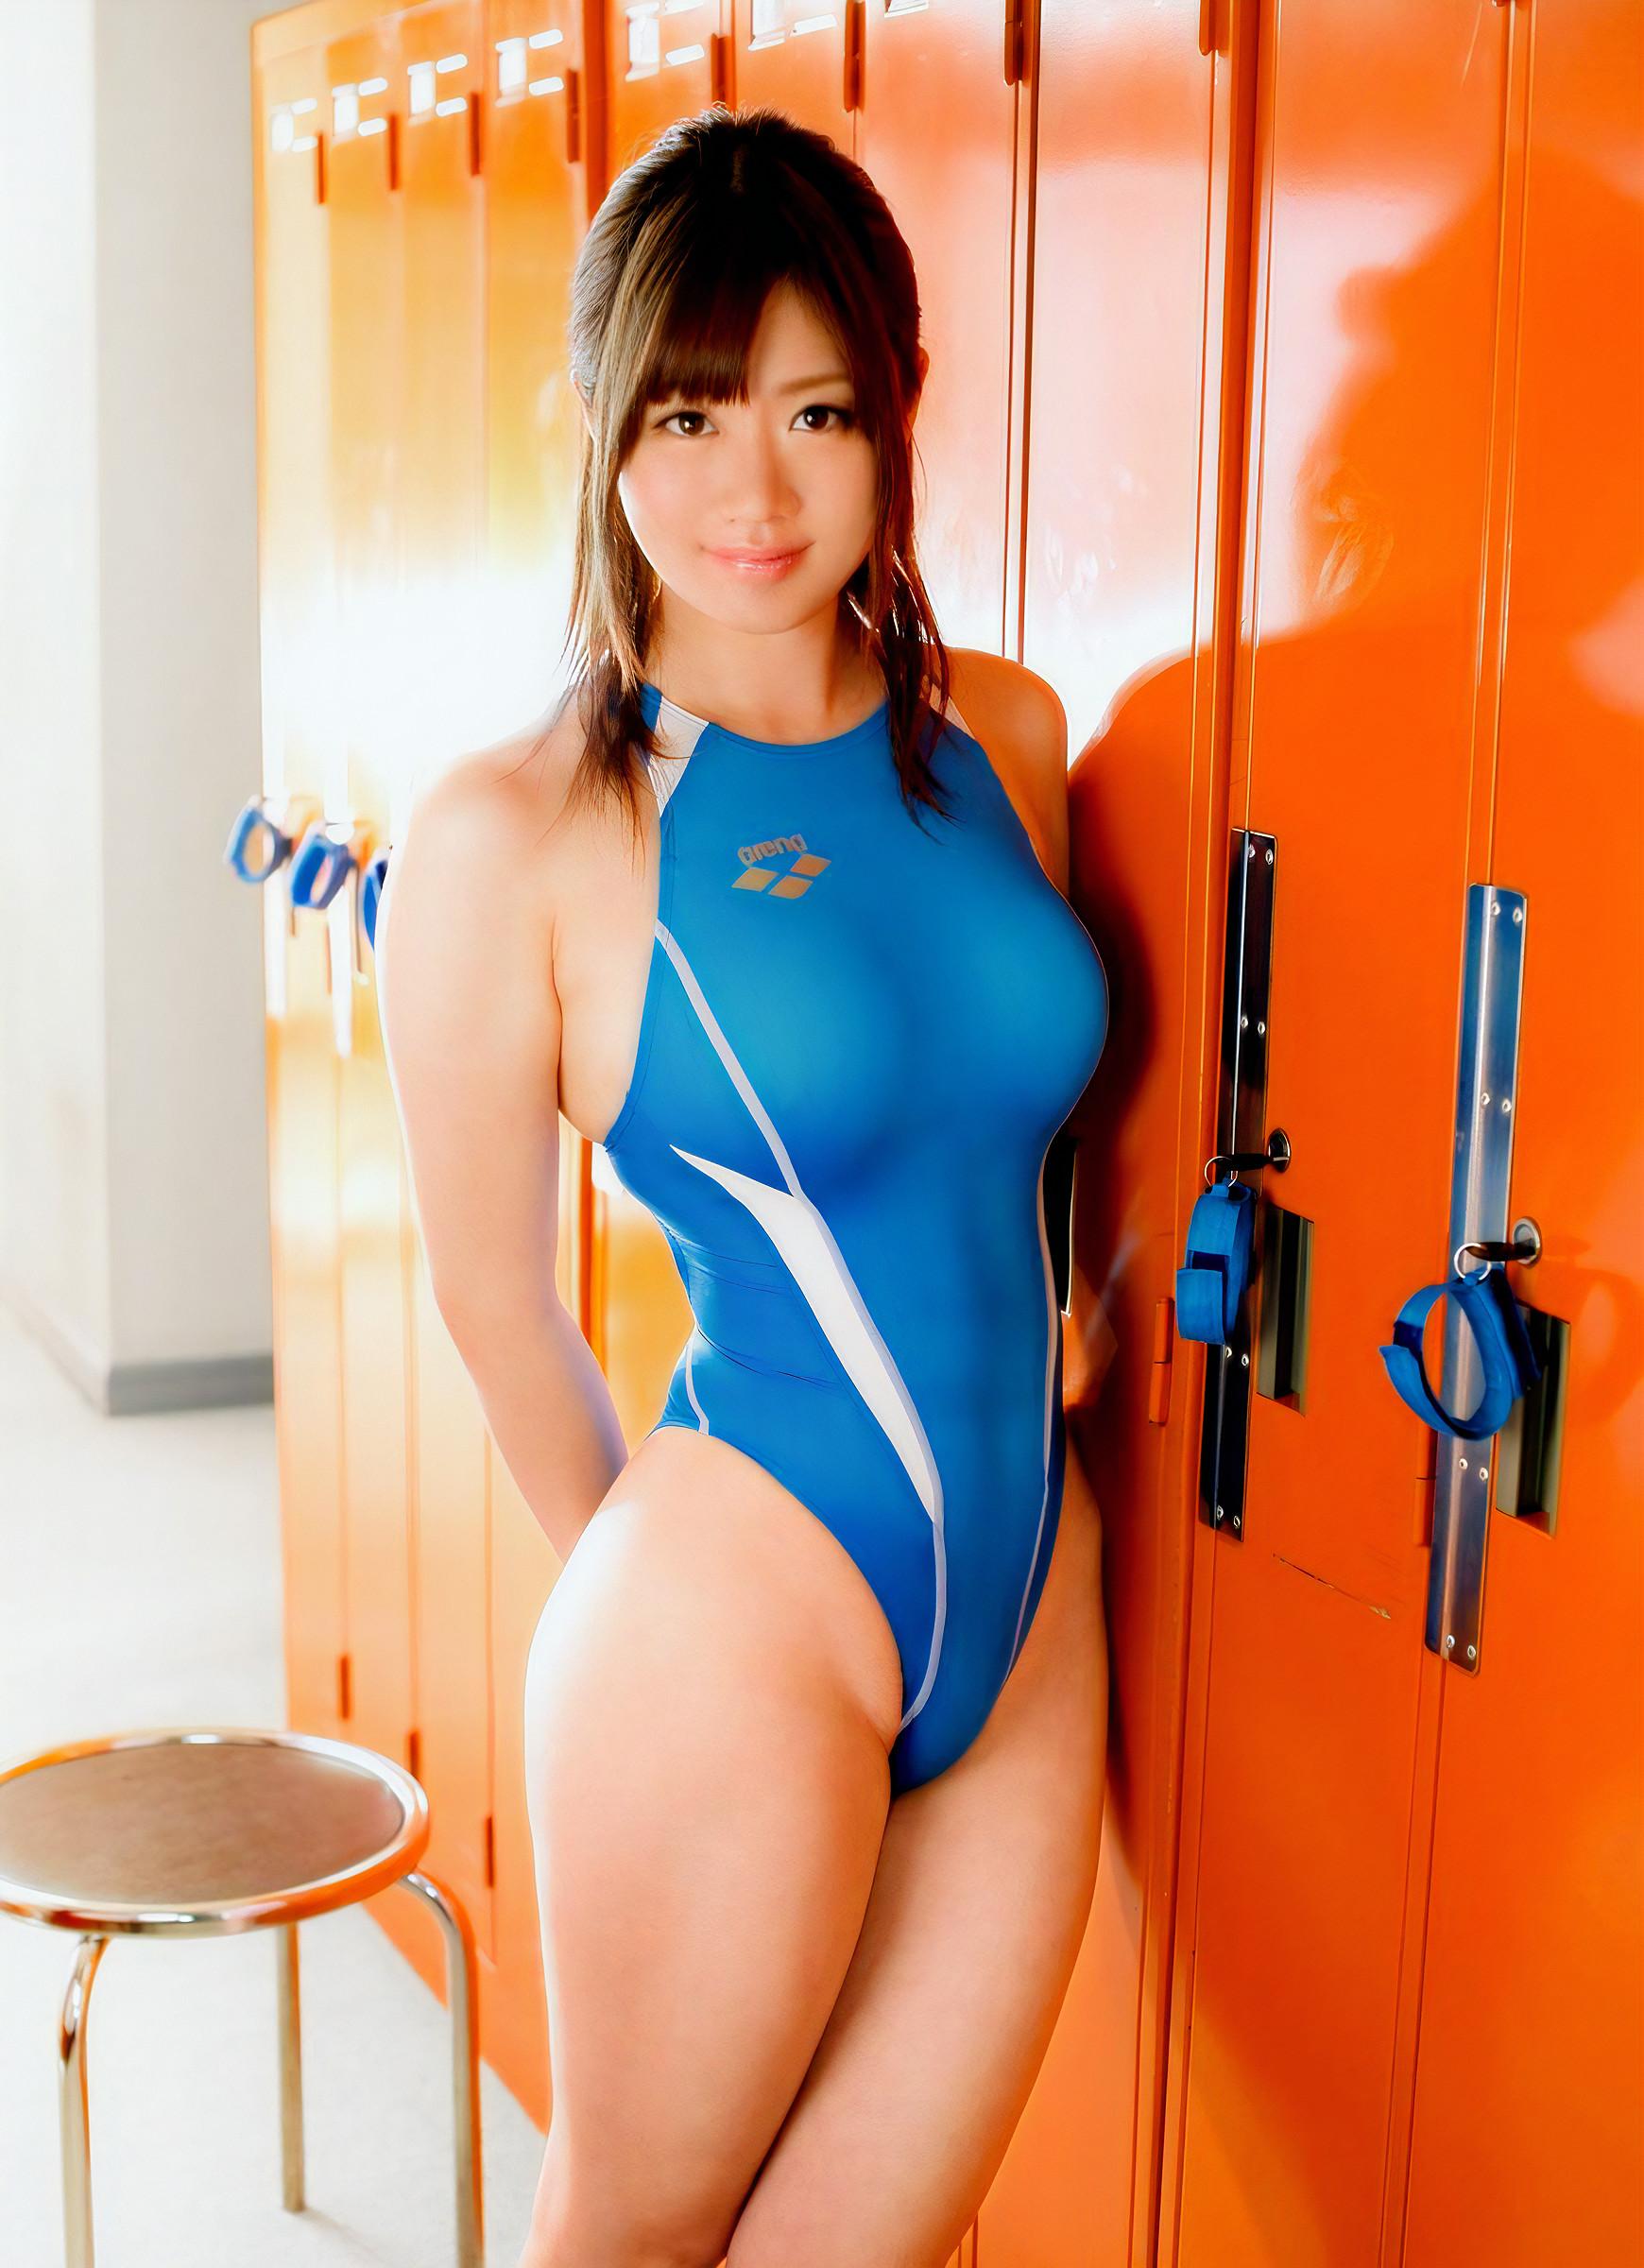 競泳水着の美人お姉さん